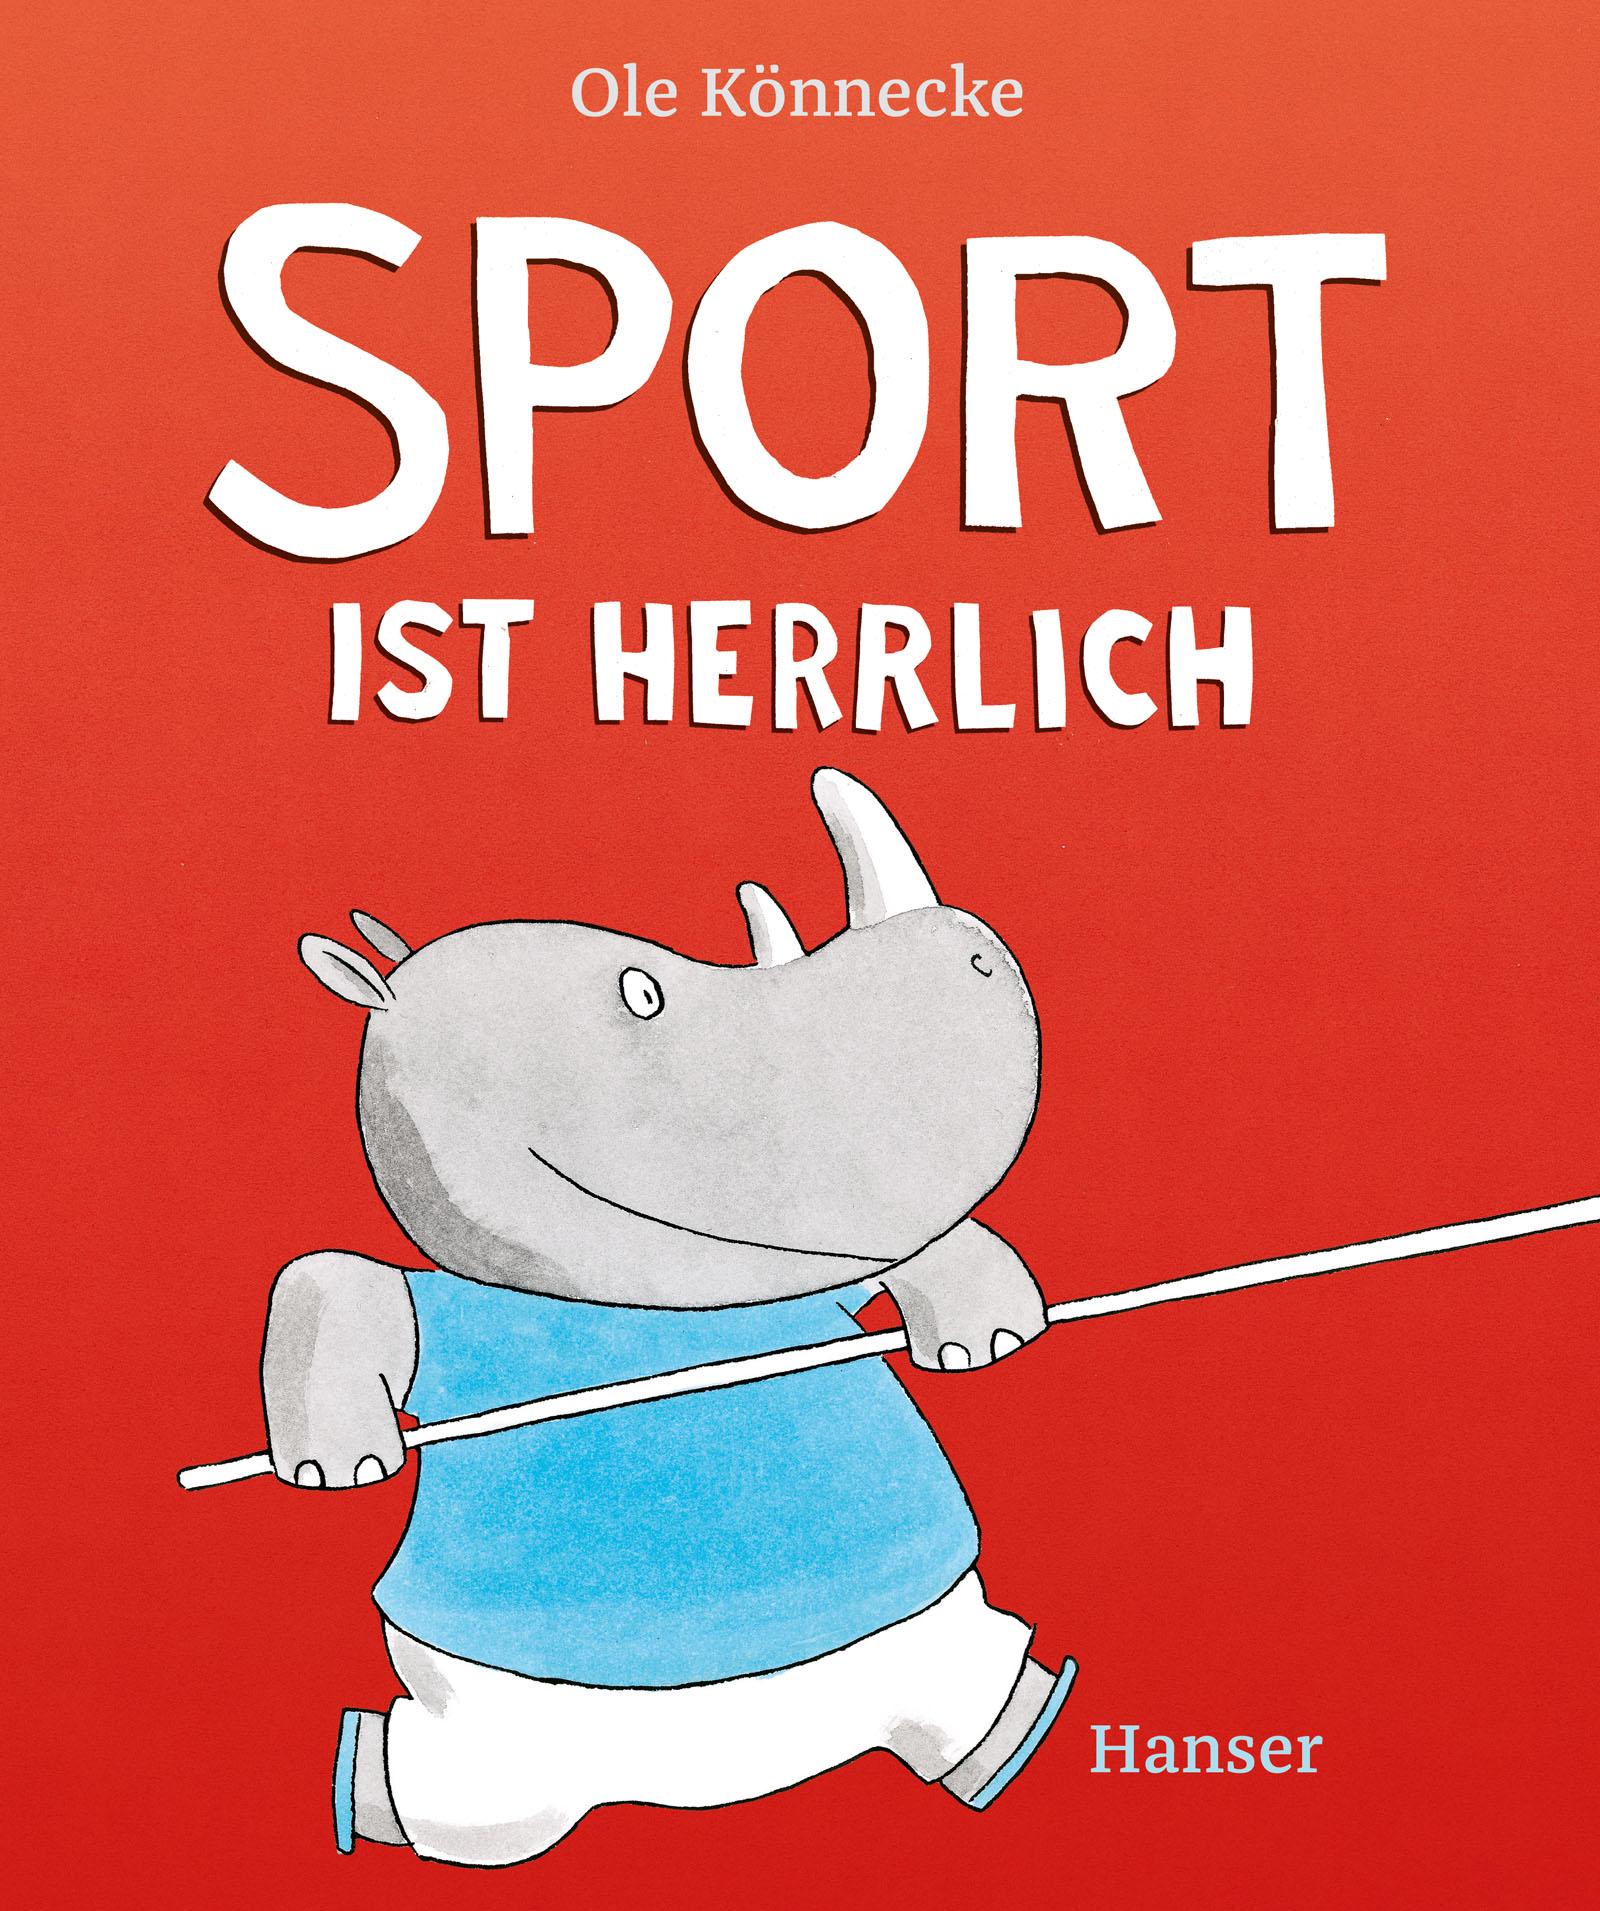 https://www.hanser-literaturverlage.de/buch/sport-ist-herrlich/978-3-446-25484-8/